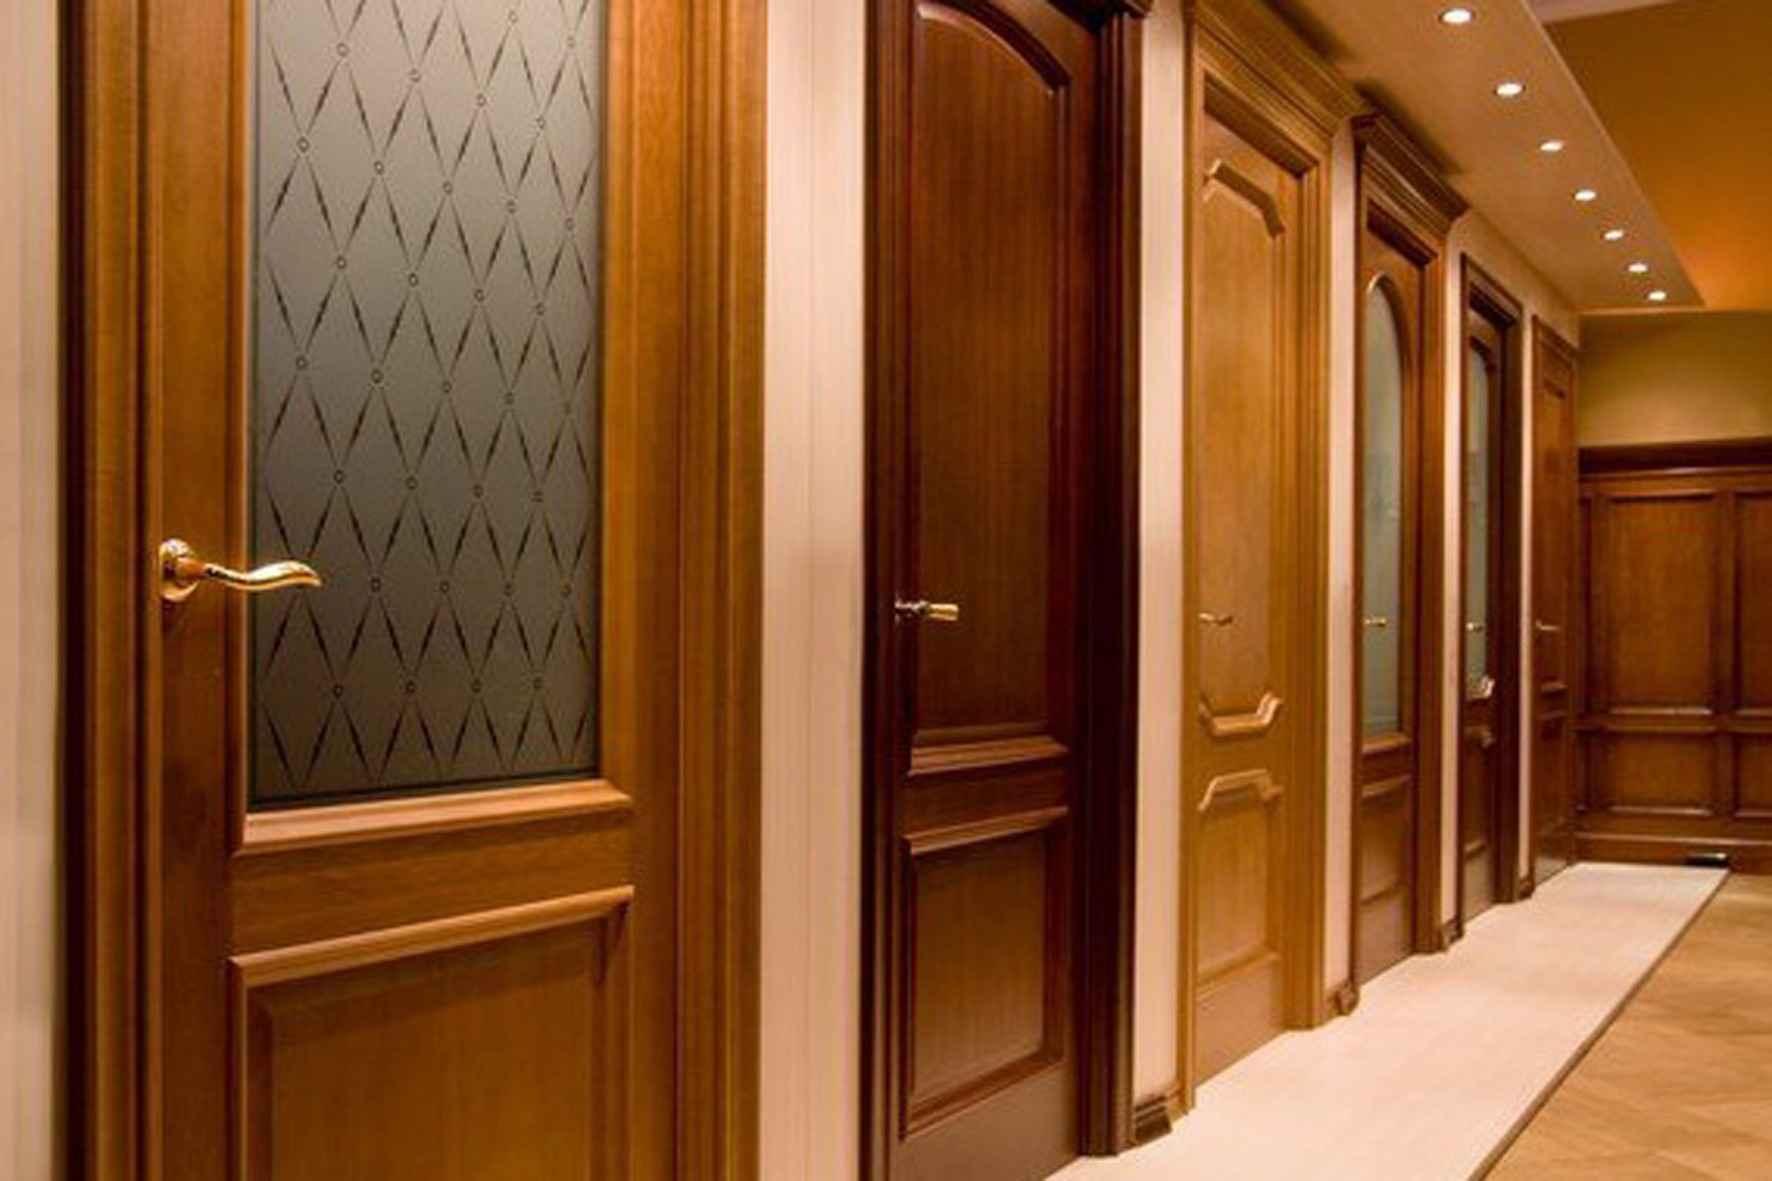 Оценка шпонированных межкомнатных дверей